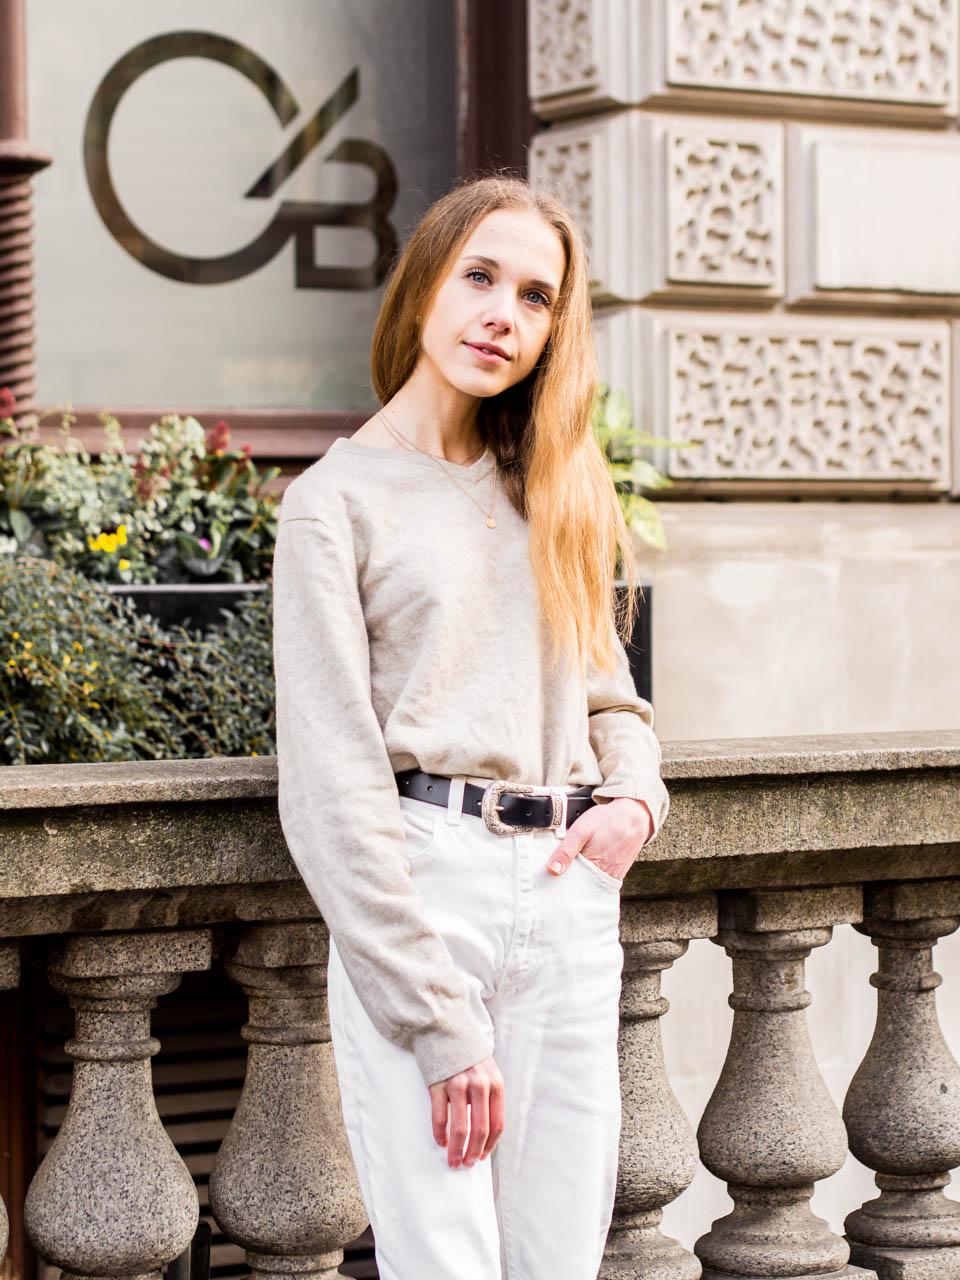 White jeans and cashmere jumper outfit - Valkoiset farkut ja kasmirneule, asuinspiraatio